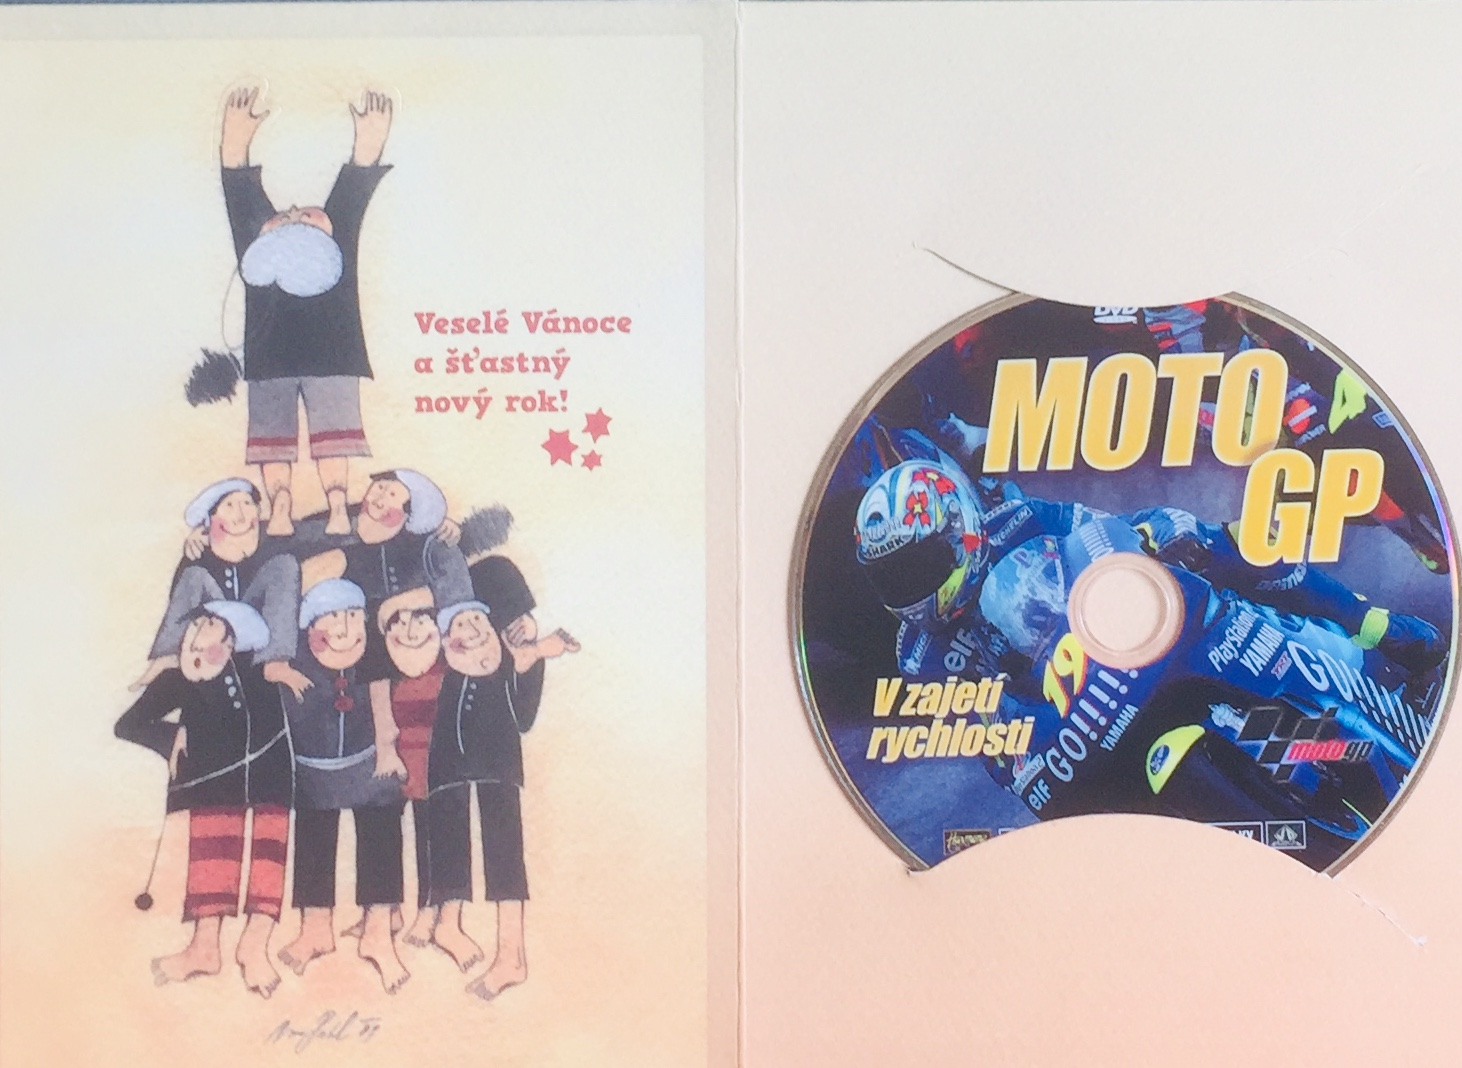 Moto GP - V zajetí rychlosti - DVD /dárkový obal/